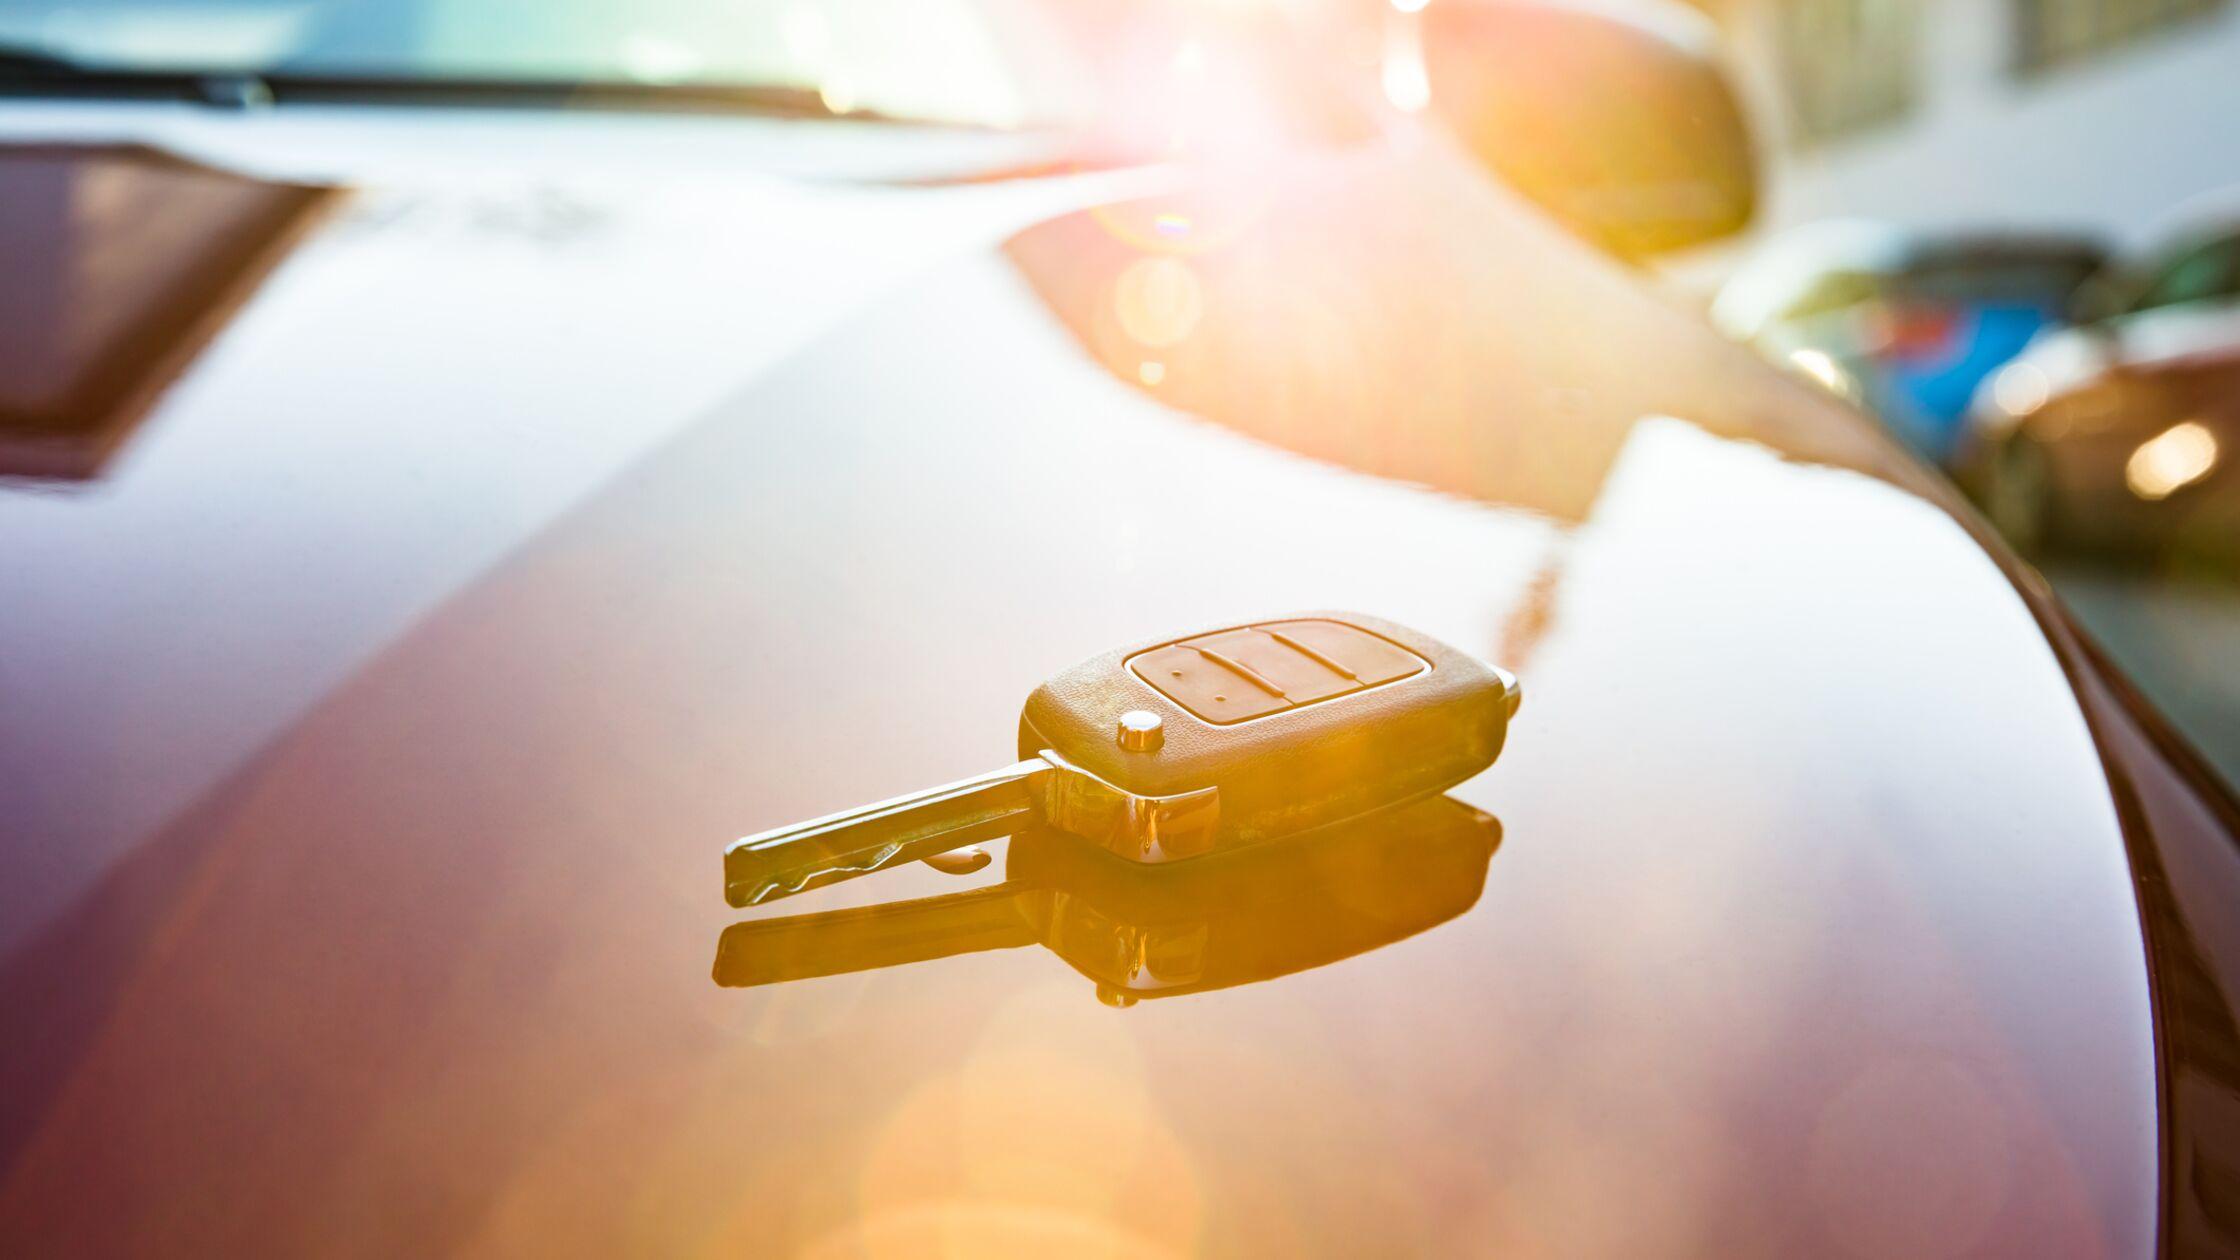 Vollmacht für Kfz-Ummeldung: Auto ummelden lassen bei Umzug & Co.